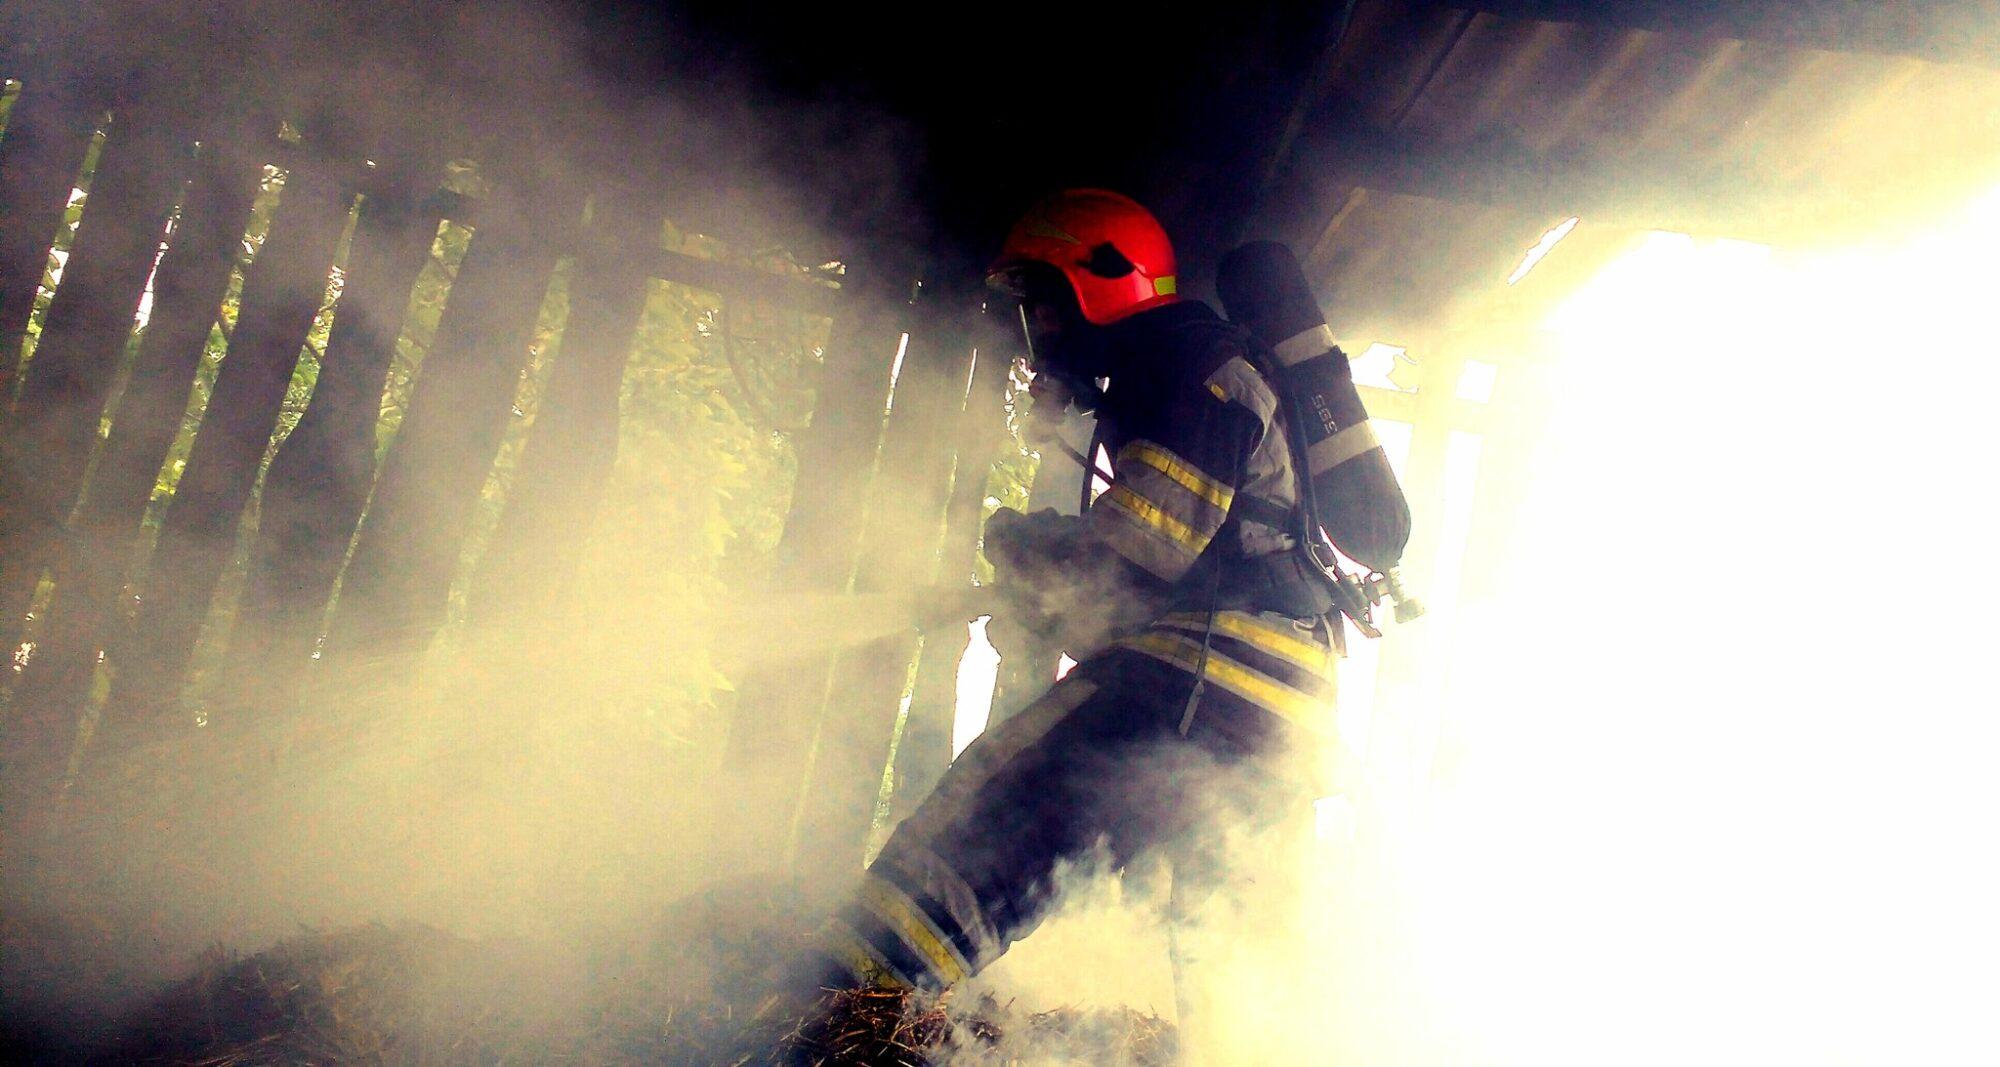 Трагічна знахідка під час пожежі на Вишгородщині - пожежа, ДСНС України у Київській області, Вишгородський район - PPPPP 2000x1067